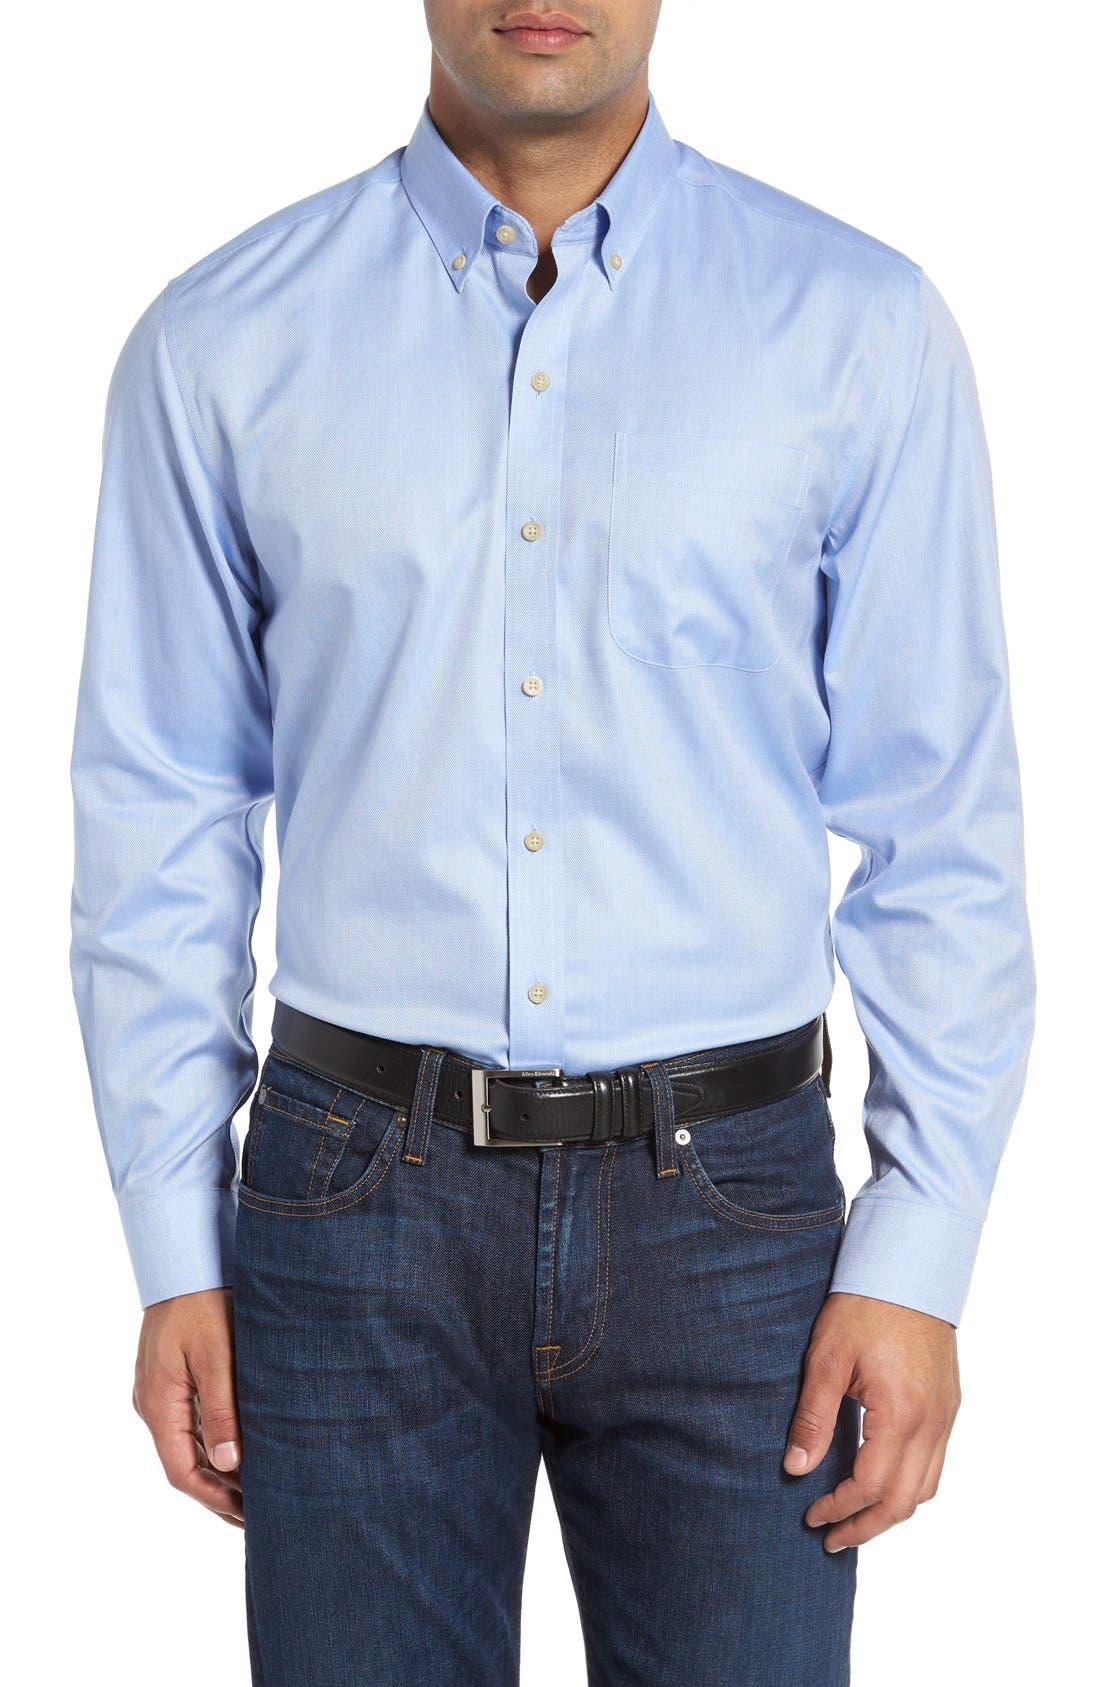 Cutter & Buck 'San Juan' Classic Fit Wrinkle Free Solid Sport Shirt (Big & Tall)